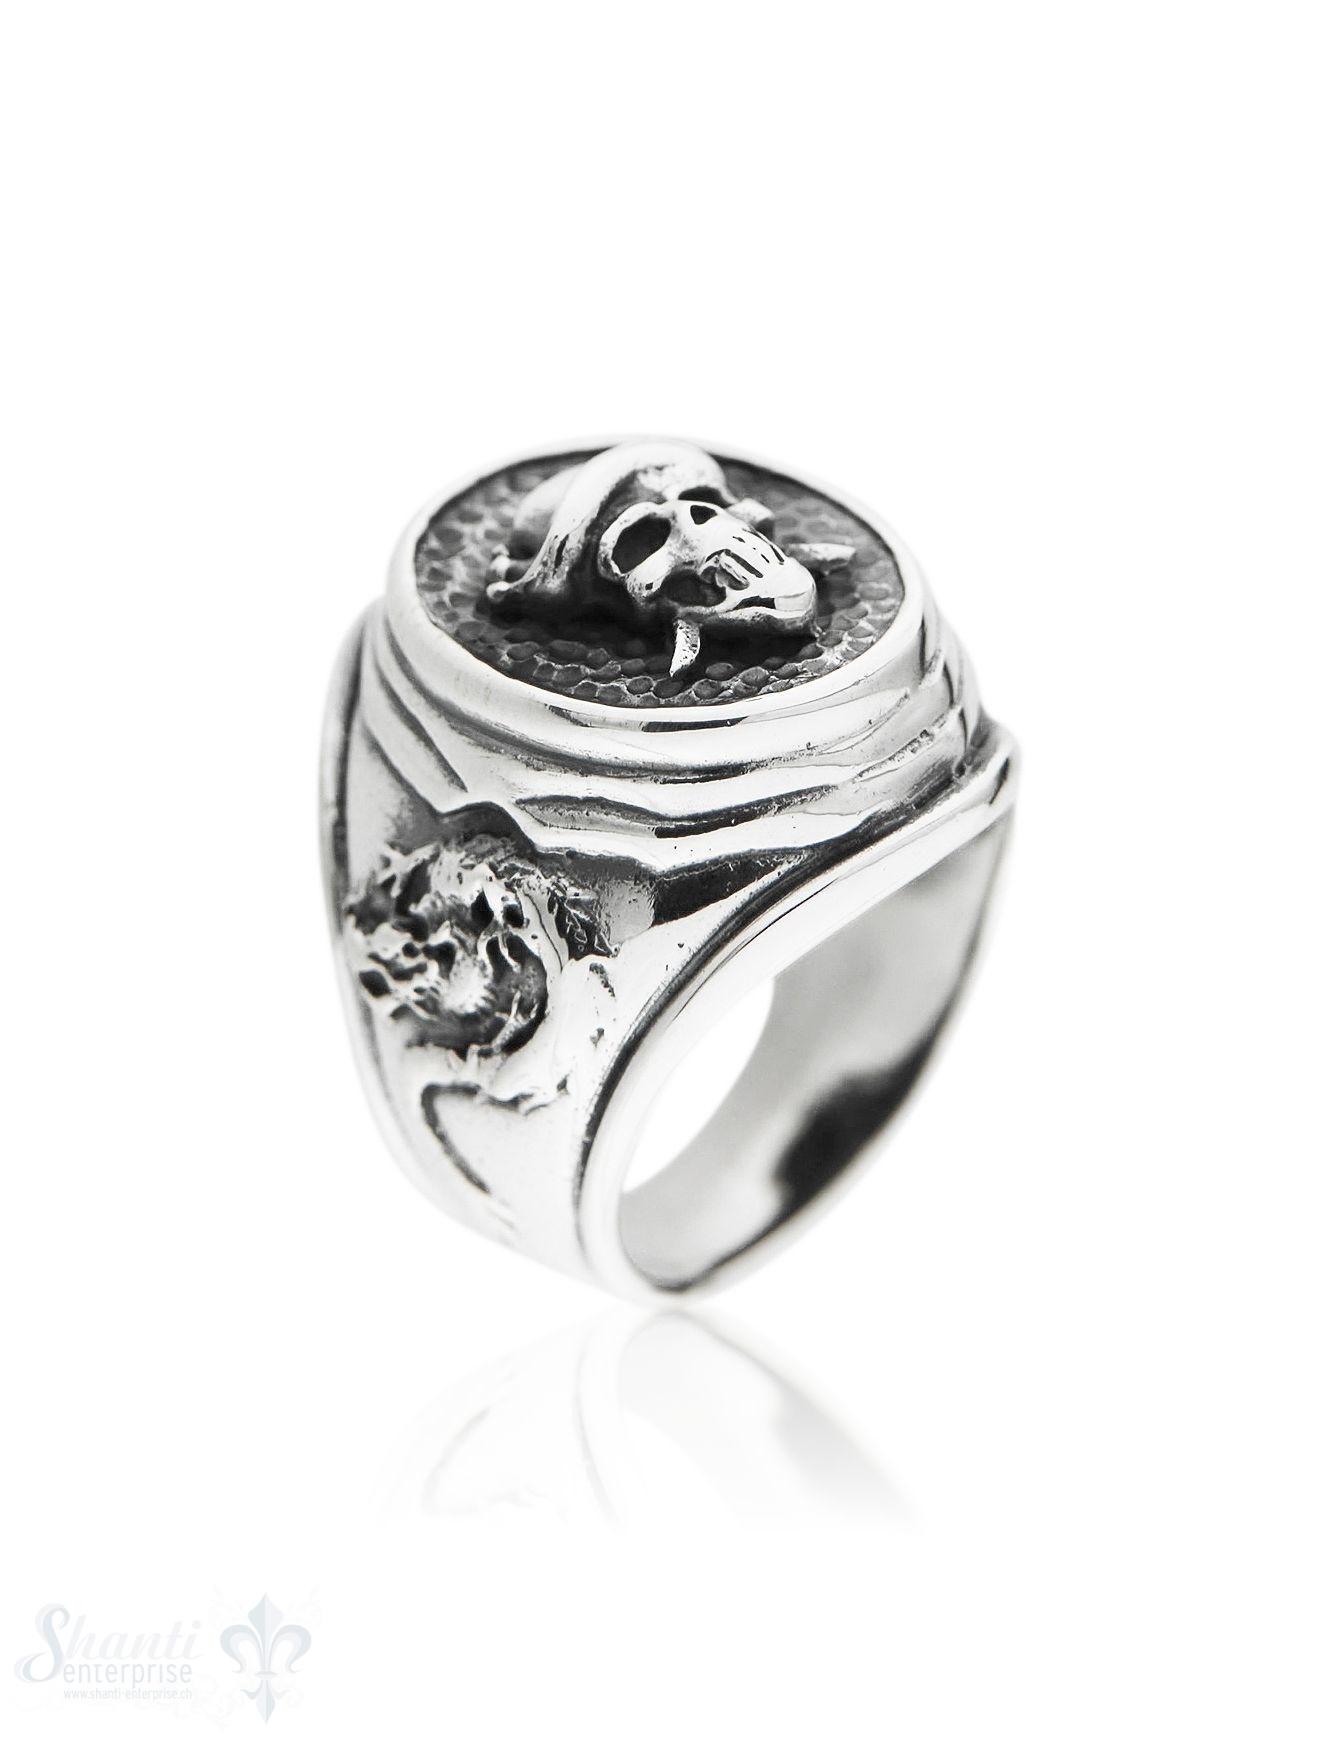 Silberring Siegelring mit Totenkopf erhöht mit Drachen und Anker seitlich geschwärzt